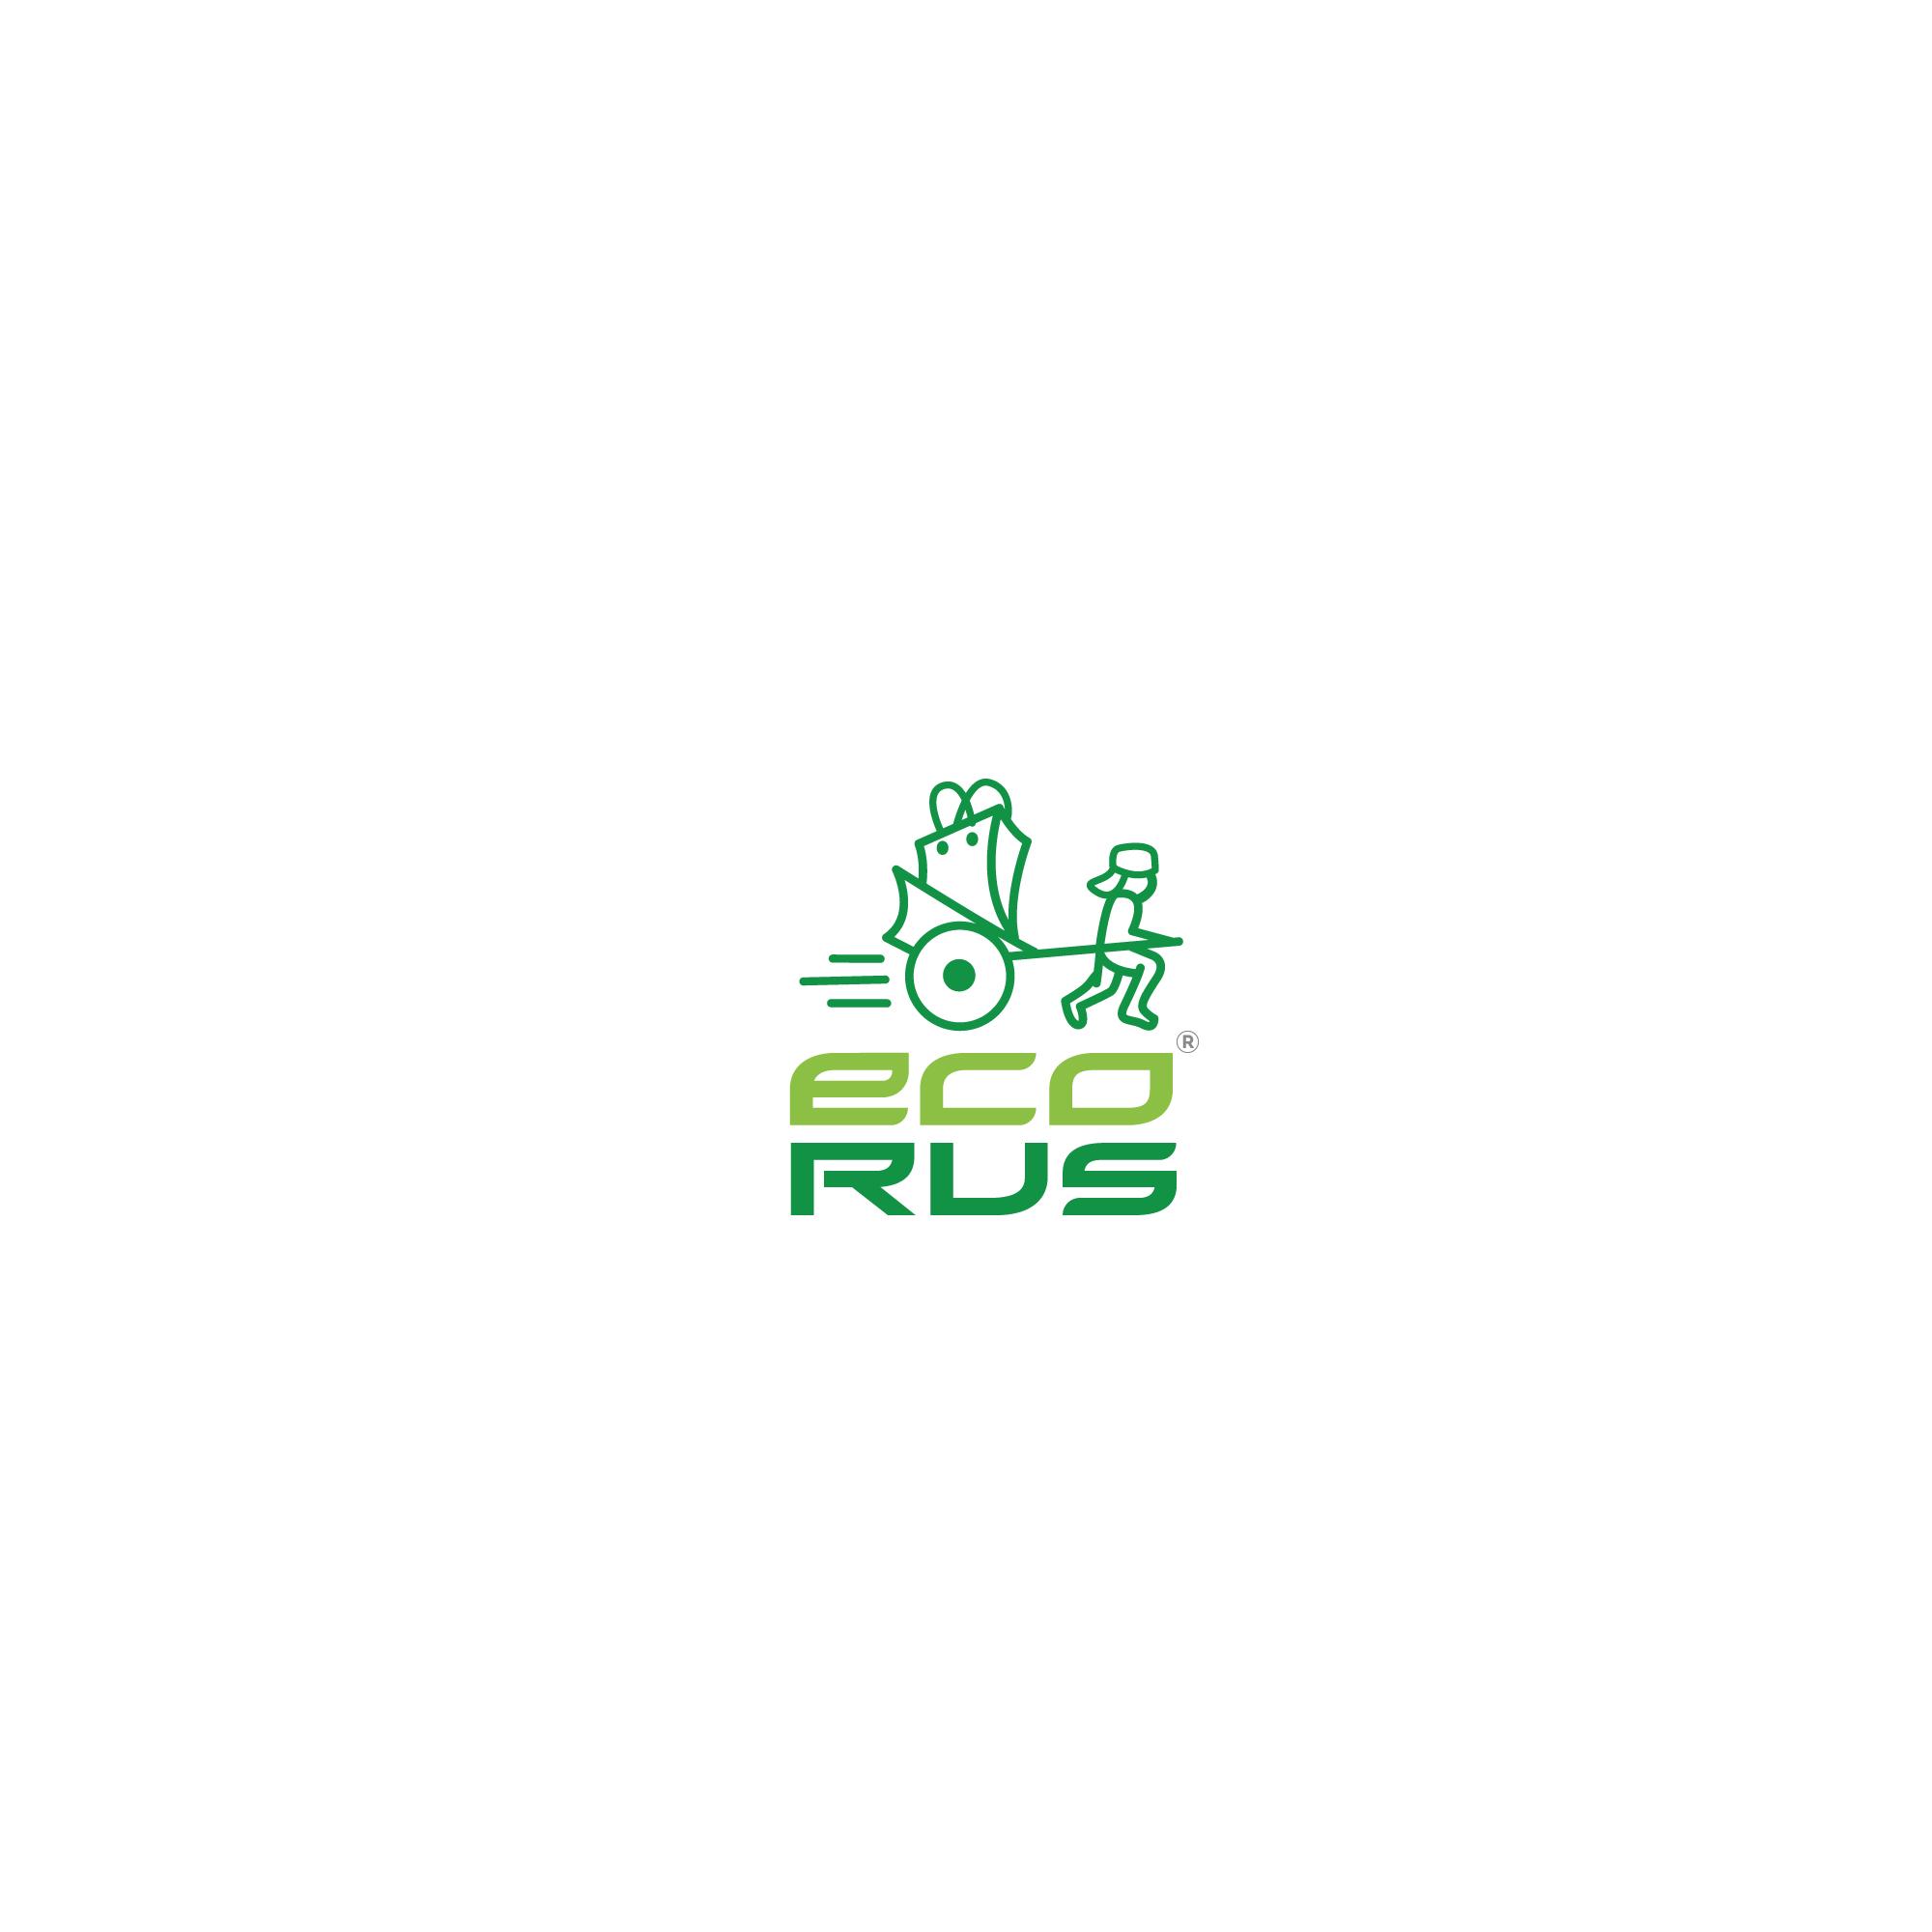 Логотип для поставщика продуктов питания из России в Китай фото f_3075ea6f522b1cce.jpg